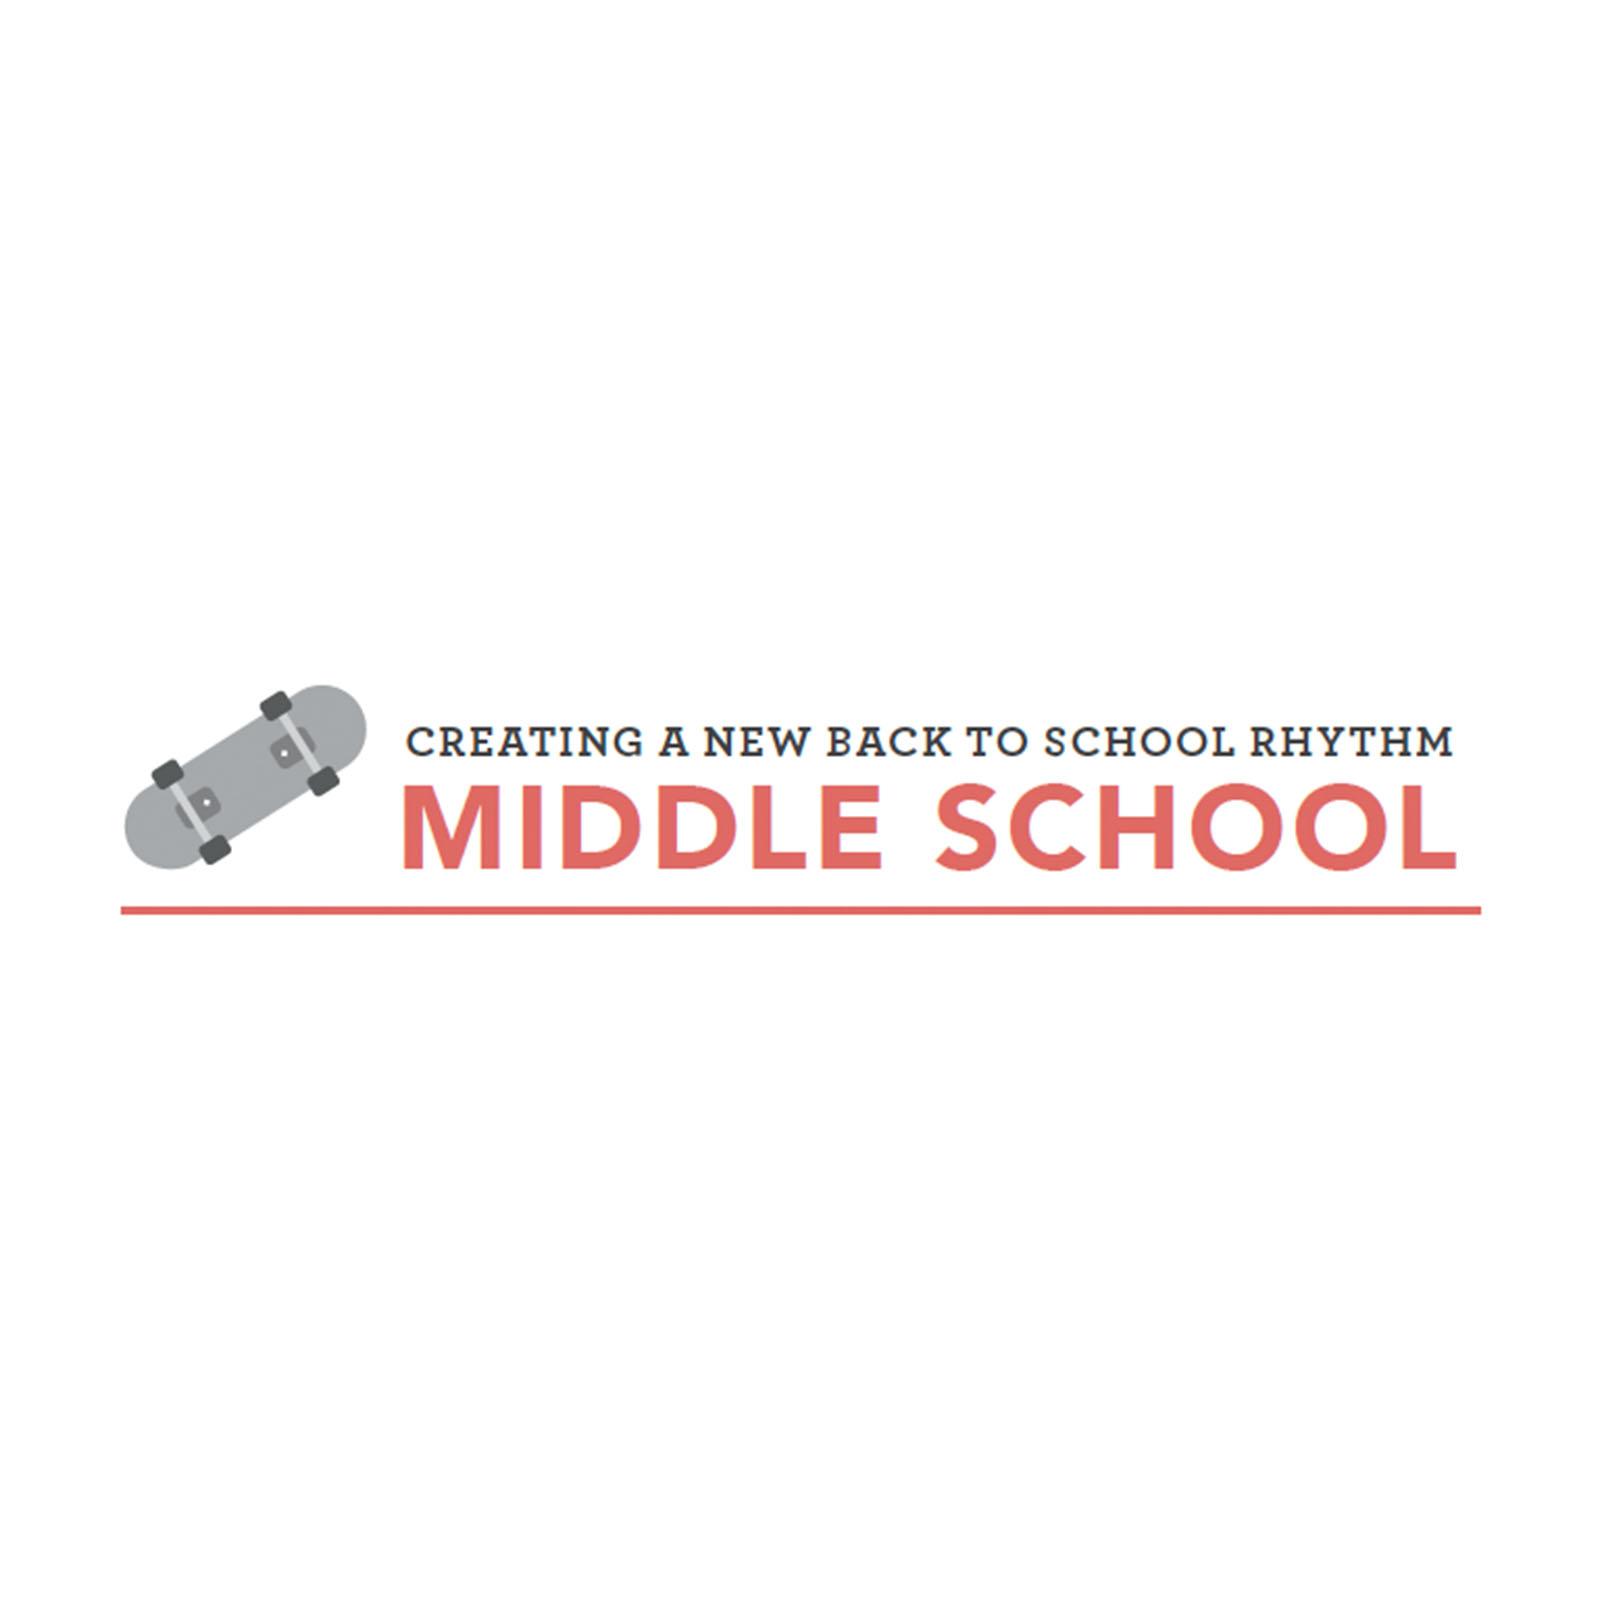 Middle School Rhythm